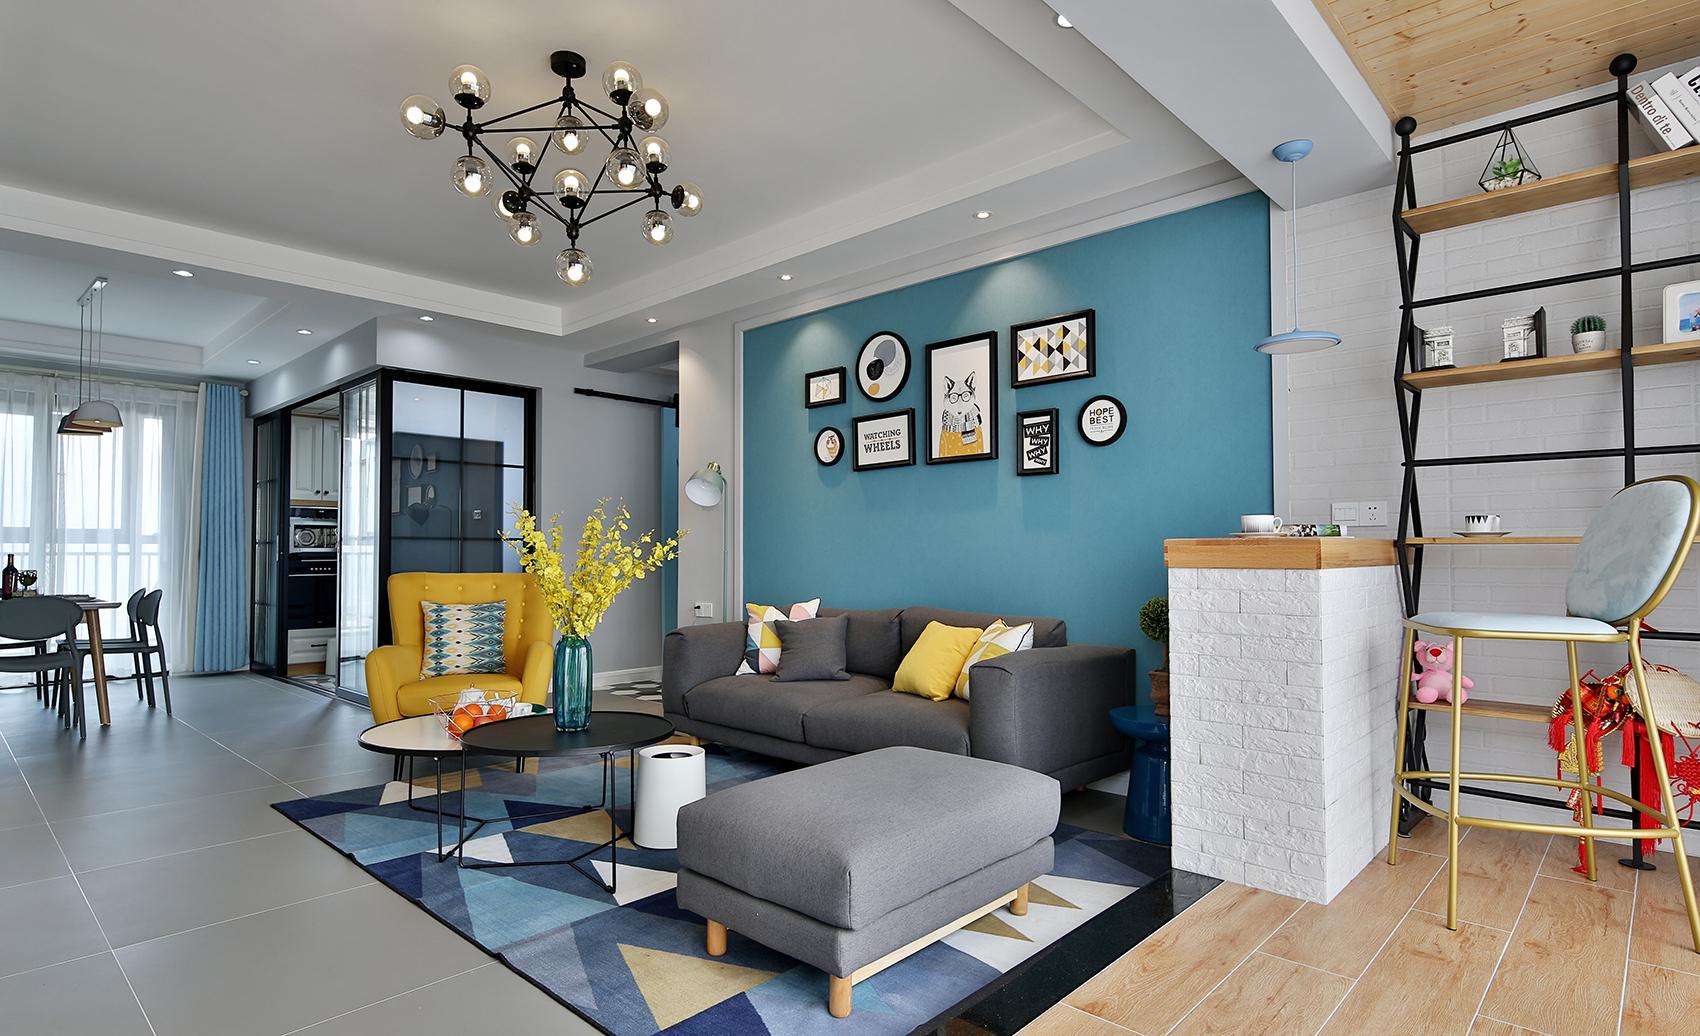 86㎡北欧风格客厅沙发墙装修效果图